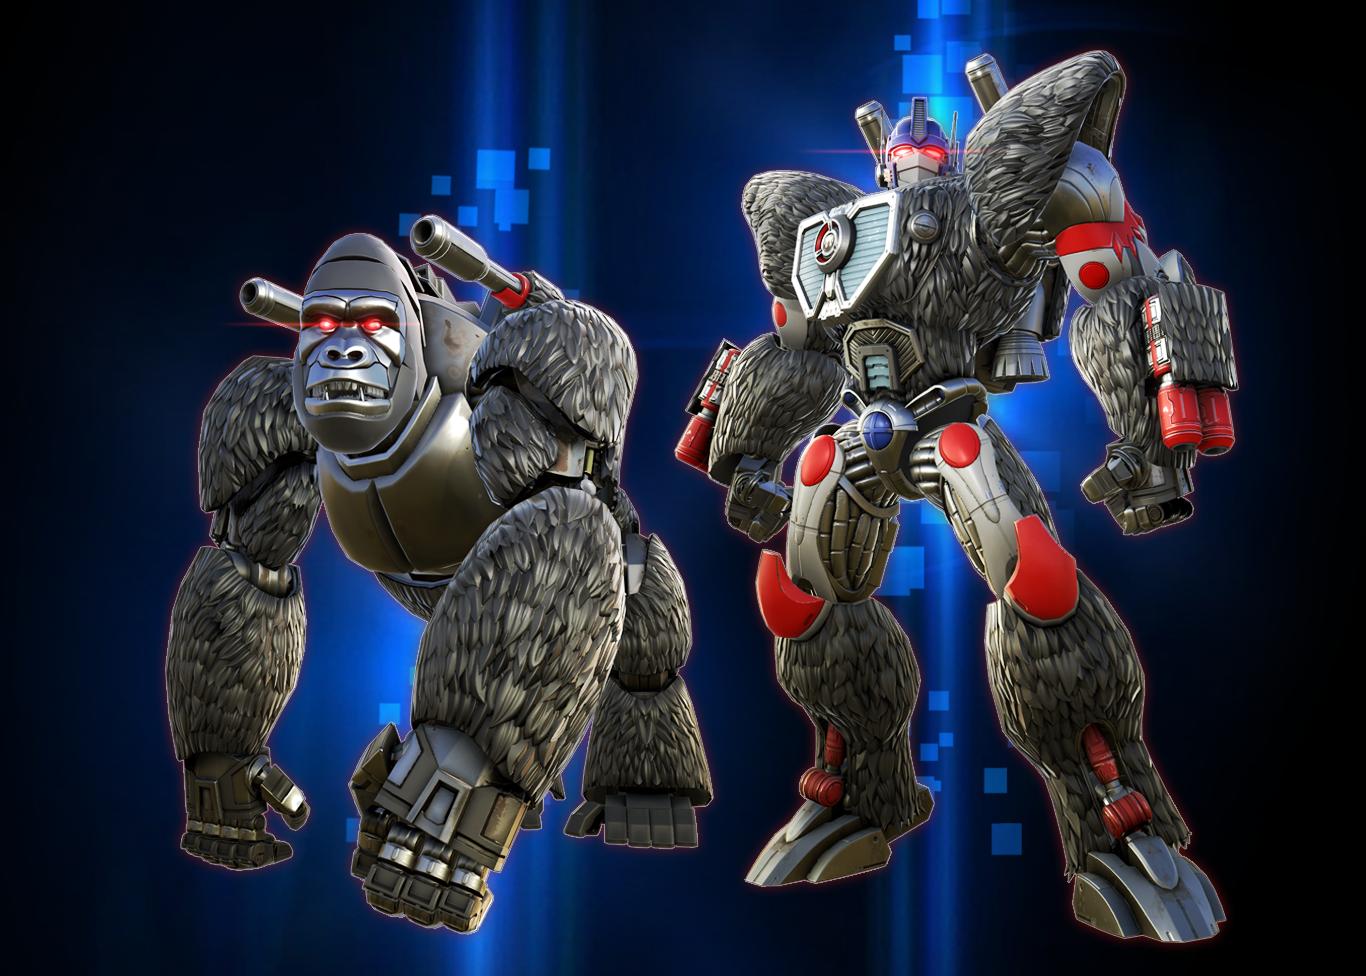 Todos los detalles de Transformers: El despertar de las bestias: reparto, historia, rodaje...